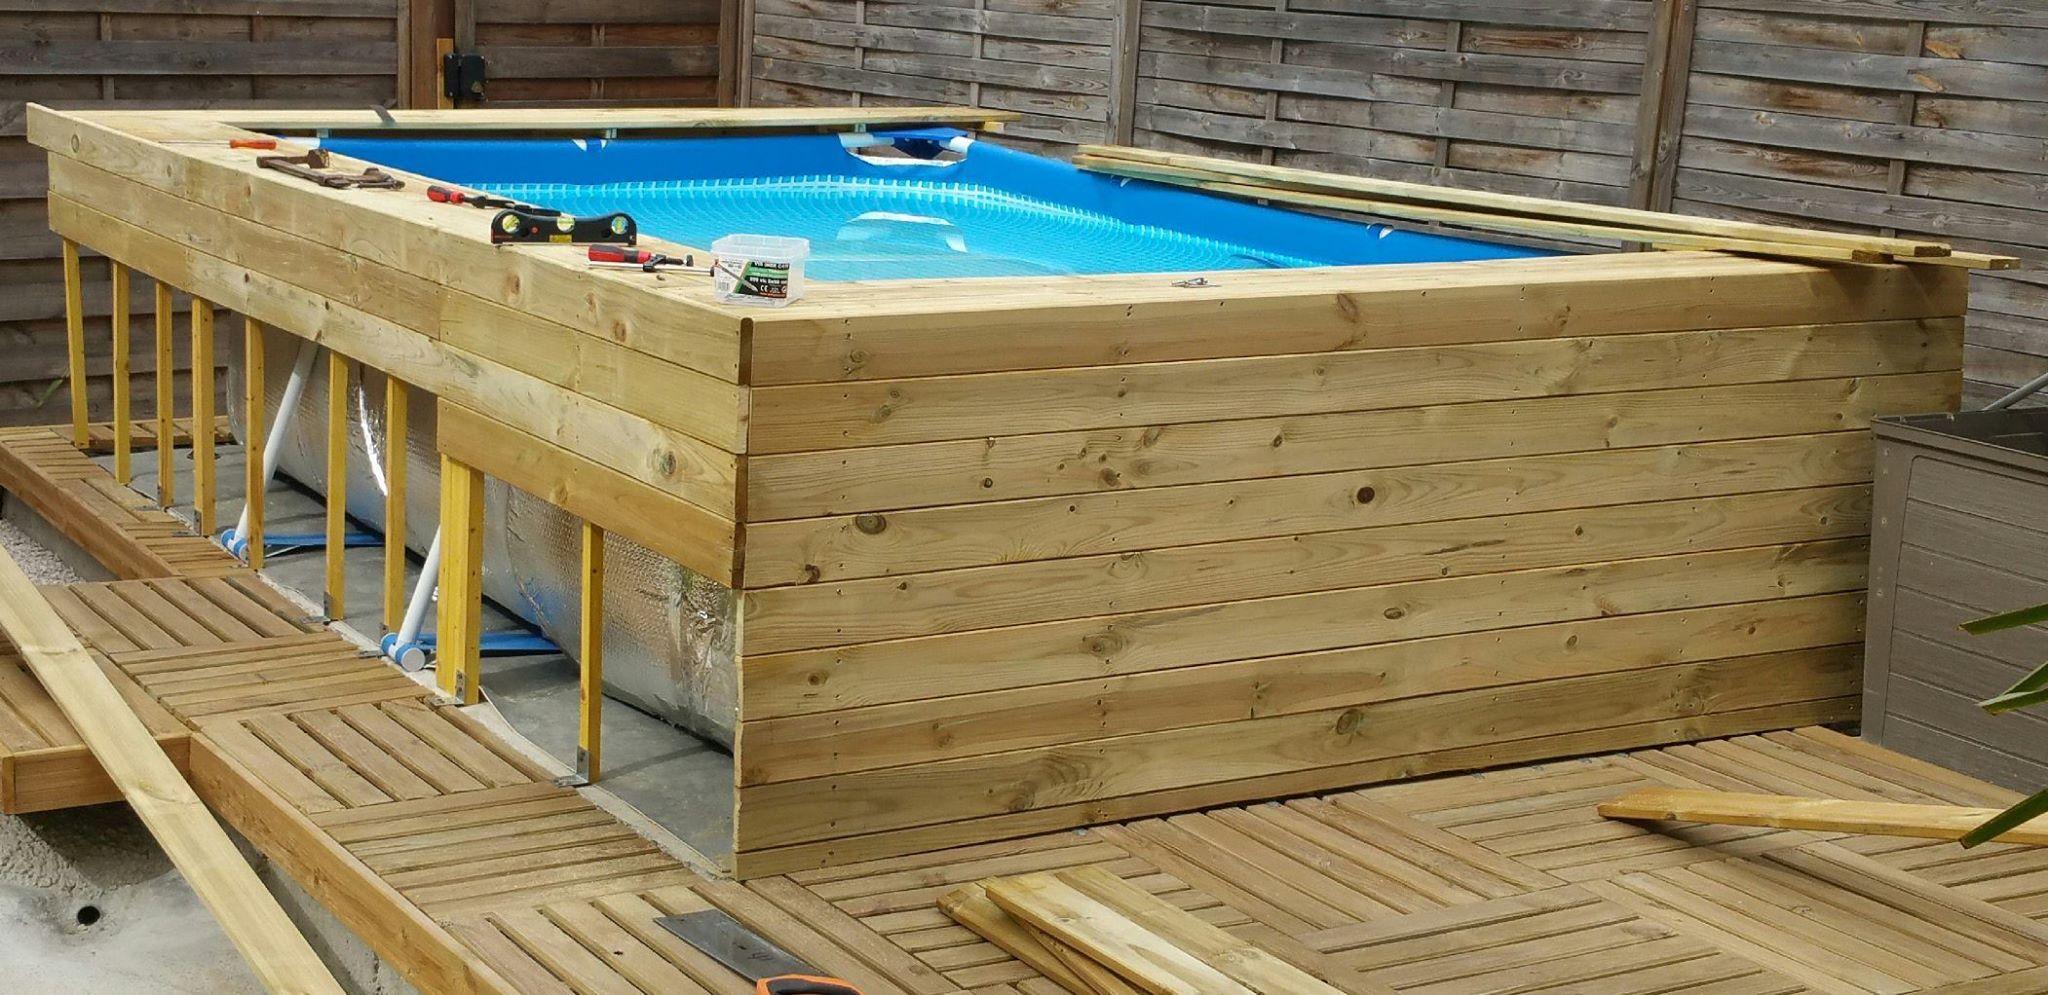 pin von pitch38 auf piscine in 2019 piscine intex. Black Bedroom Furniture Sets. Home Design Ideas